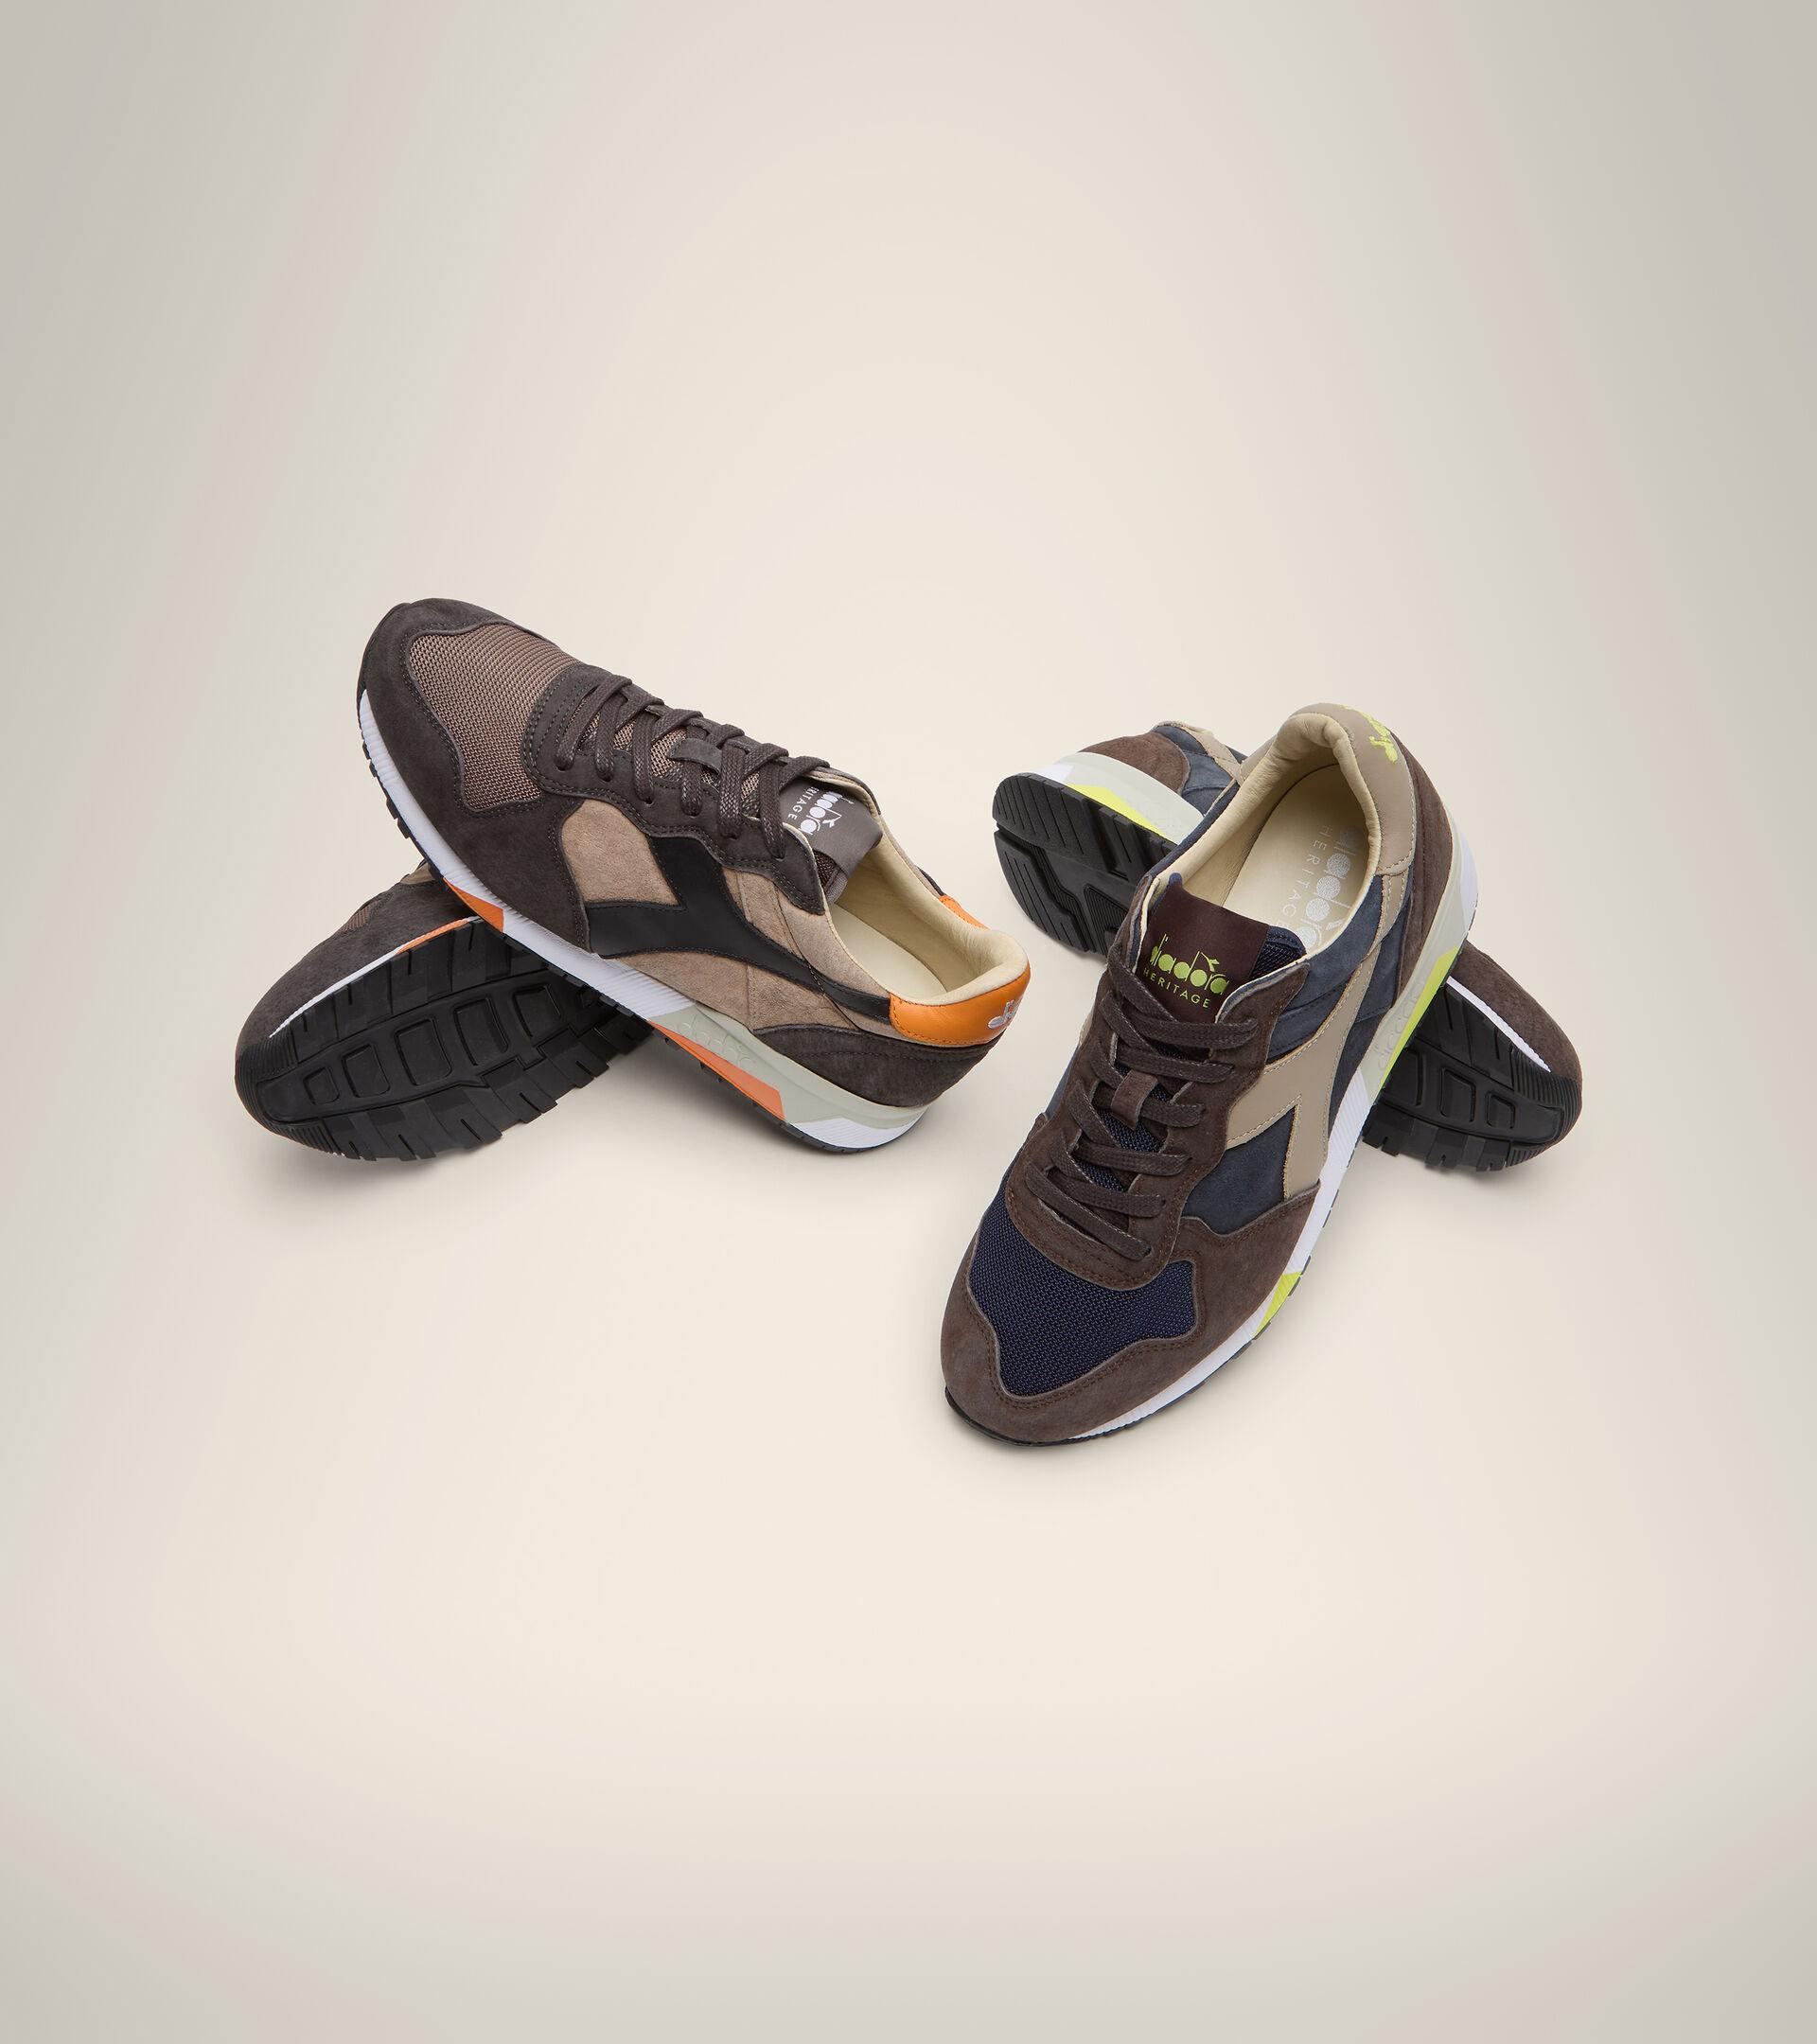 Footwear Heritage UOMO TRIDENT 90 SUEDE SW BLUE DENIM/BROWN TURKISH COFFE Diadora